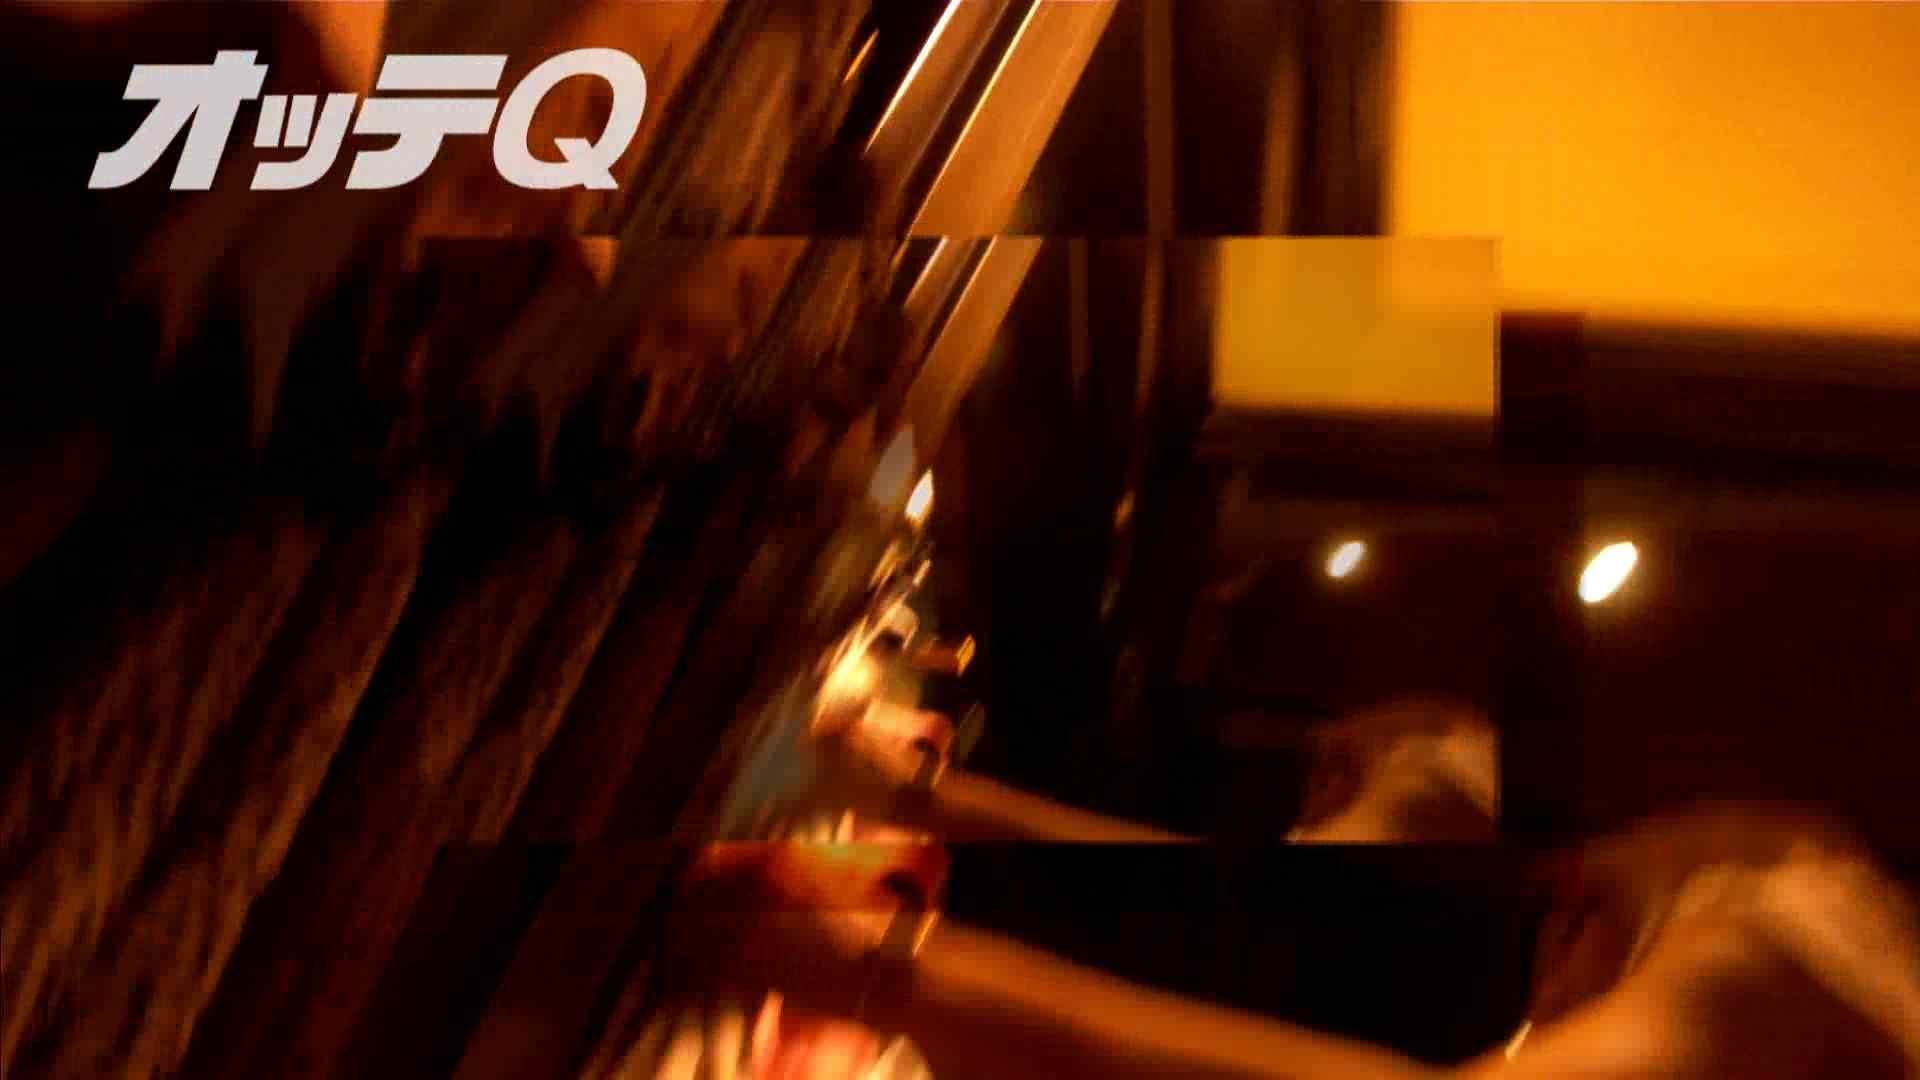 ハイビジョンパンチラ オッテQさんの追跡パンチラデパート編VOL.03 チラ系 ワレメ動画紹介 102枚 40